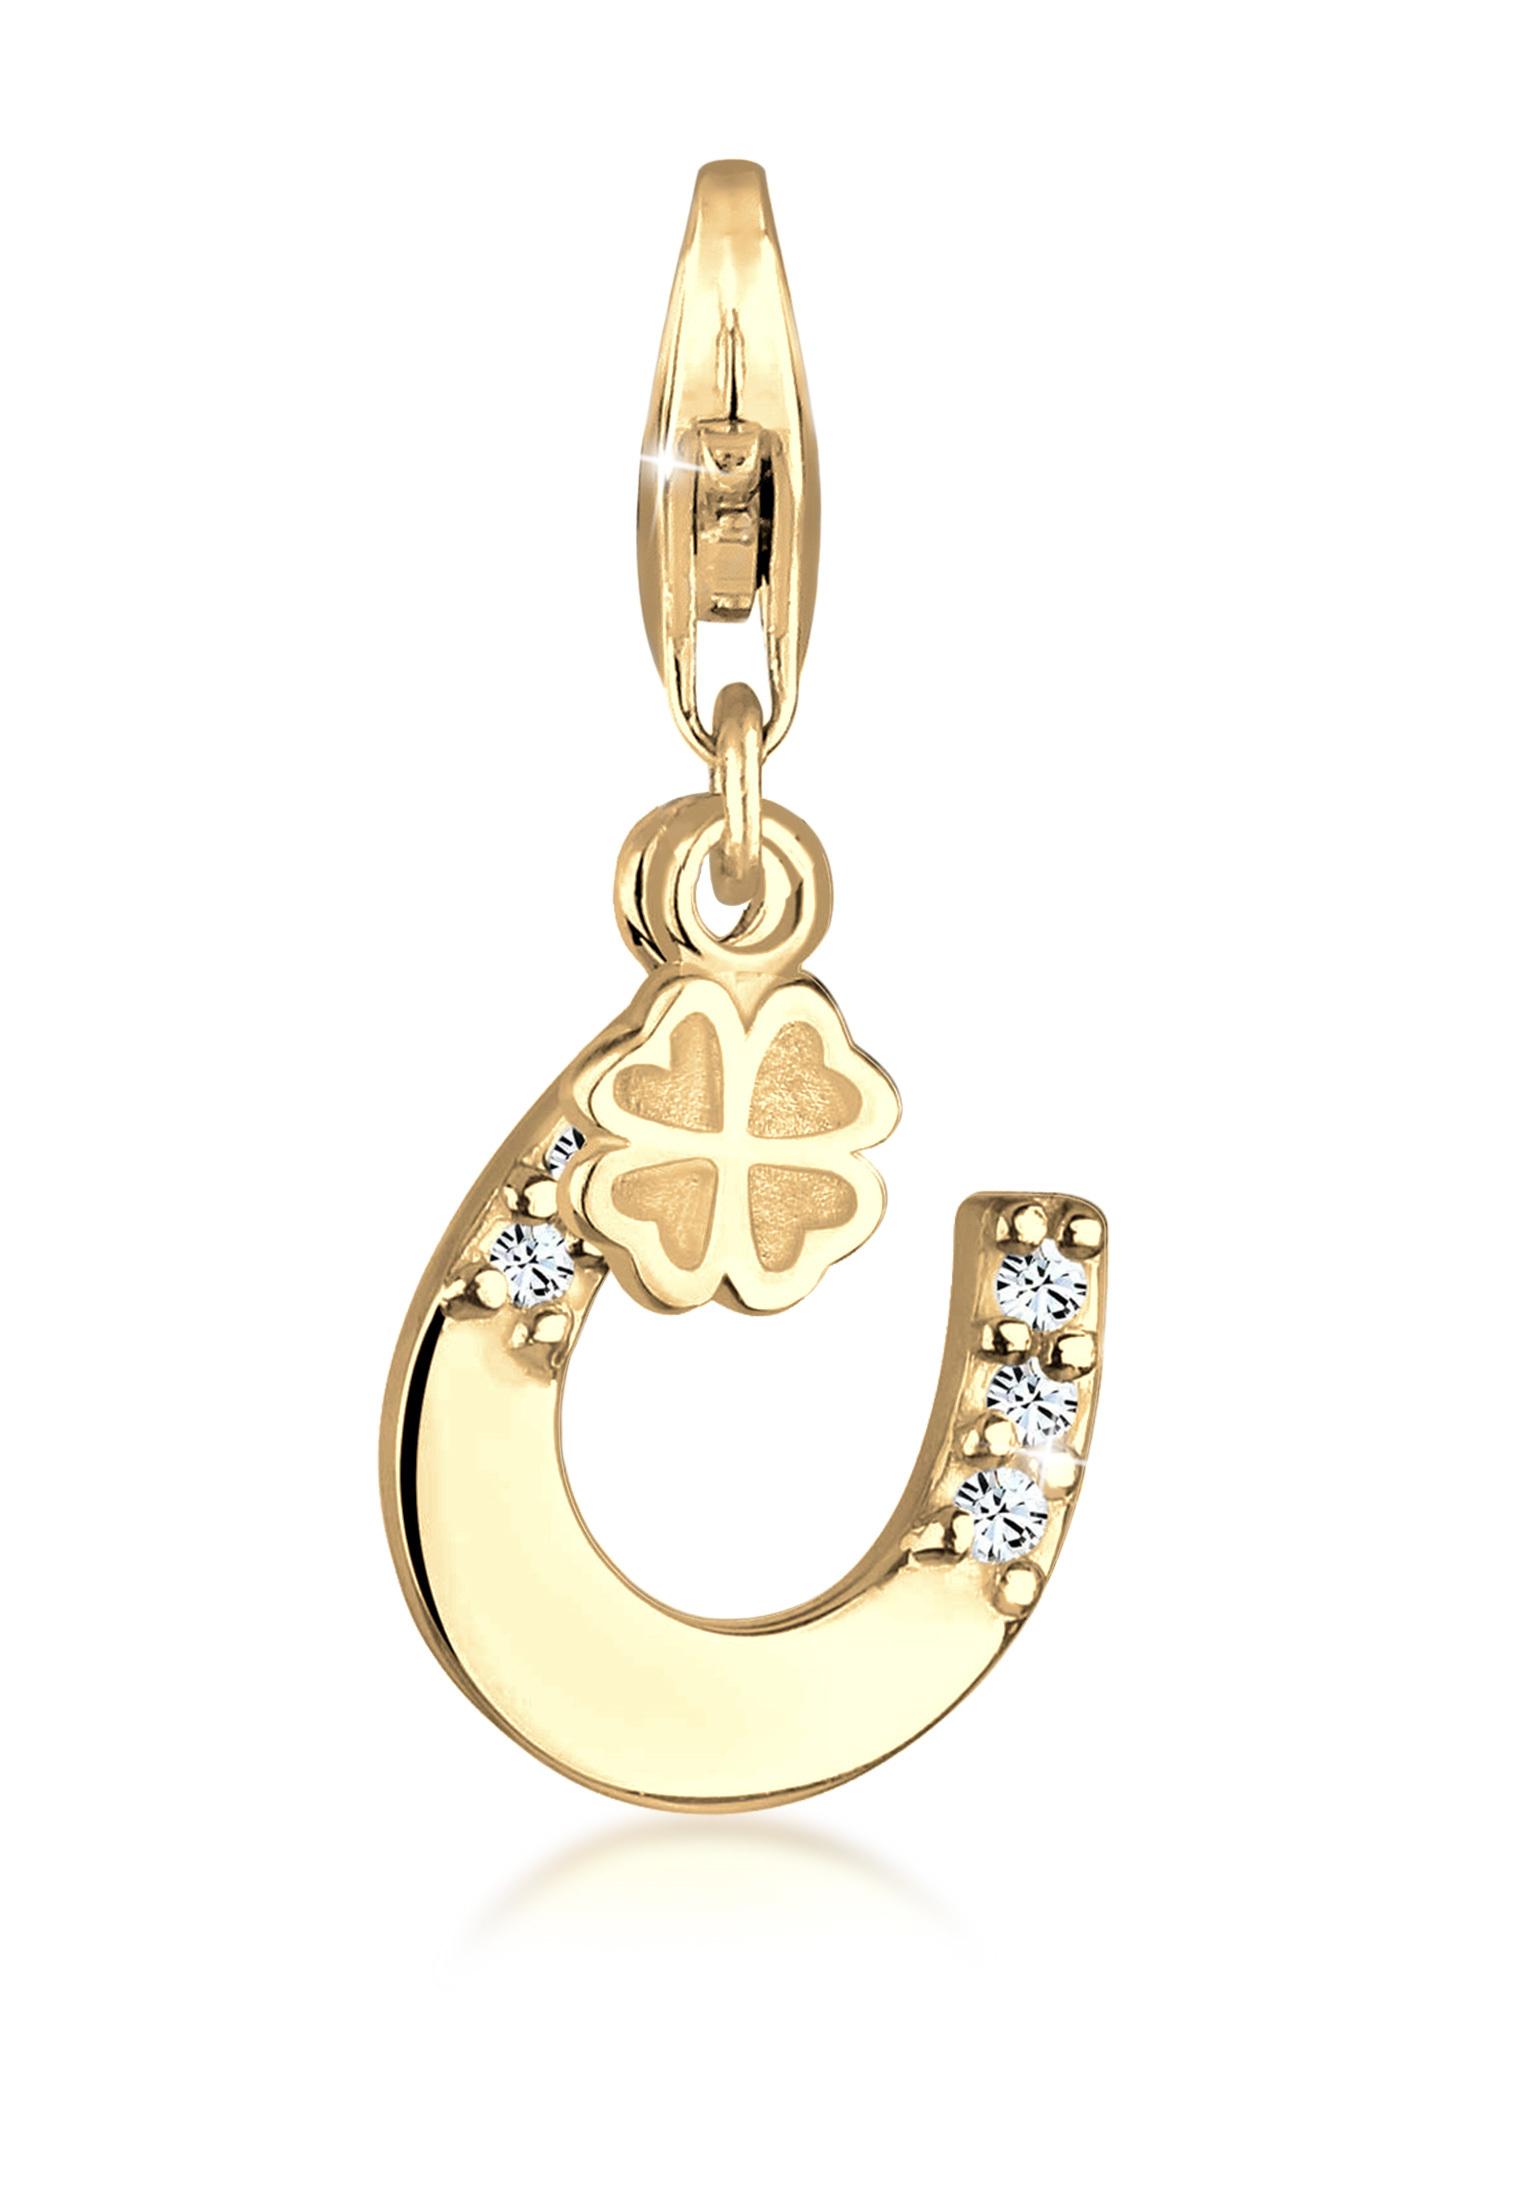 Charm Hufeisen   Kristall ( Weiß )   925 Sterling Silber vergoldet